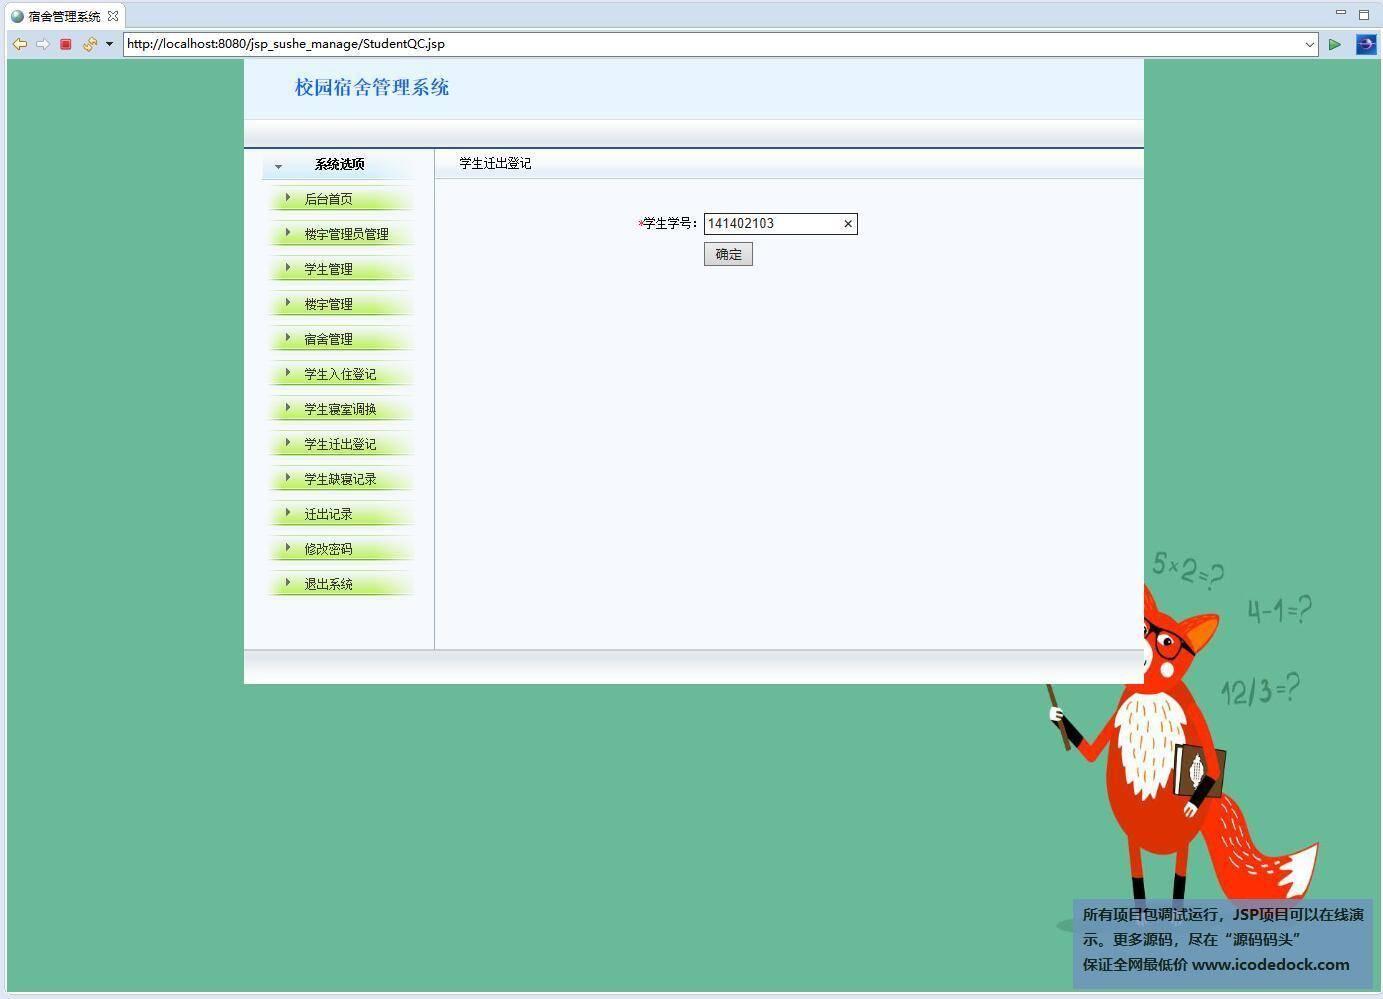 源码码头-JSP学校宿舍管理系统-系统管理员角色-迁出登记